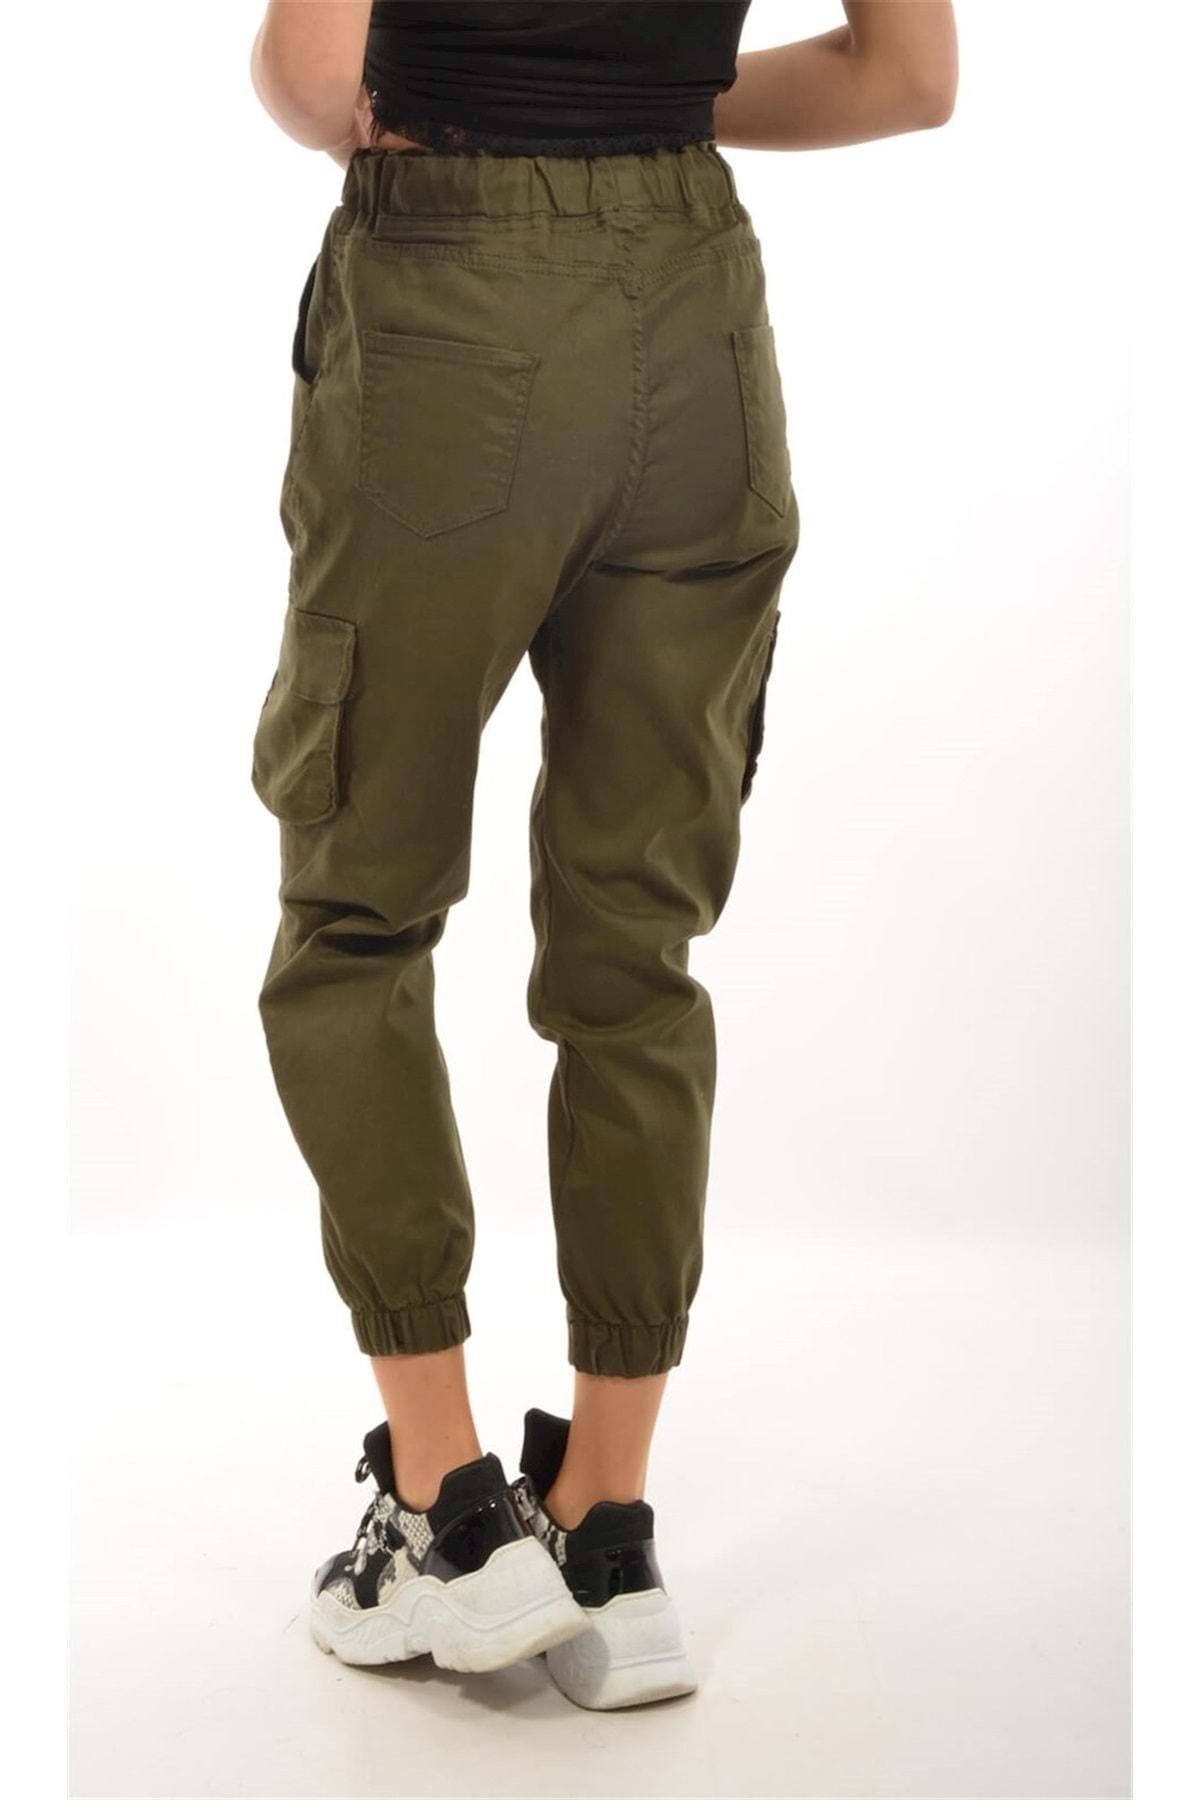 Moda Rumel Kadın Kargo Cep Pantolon - Haki 2